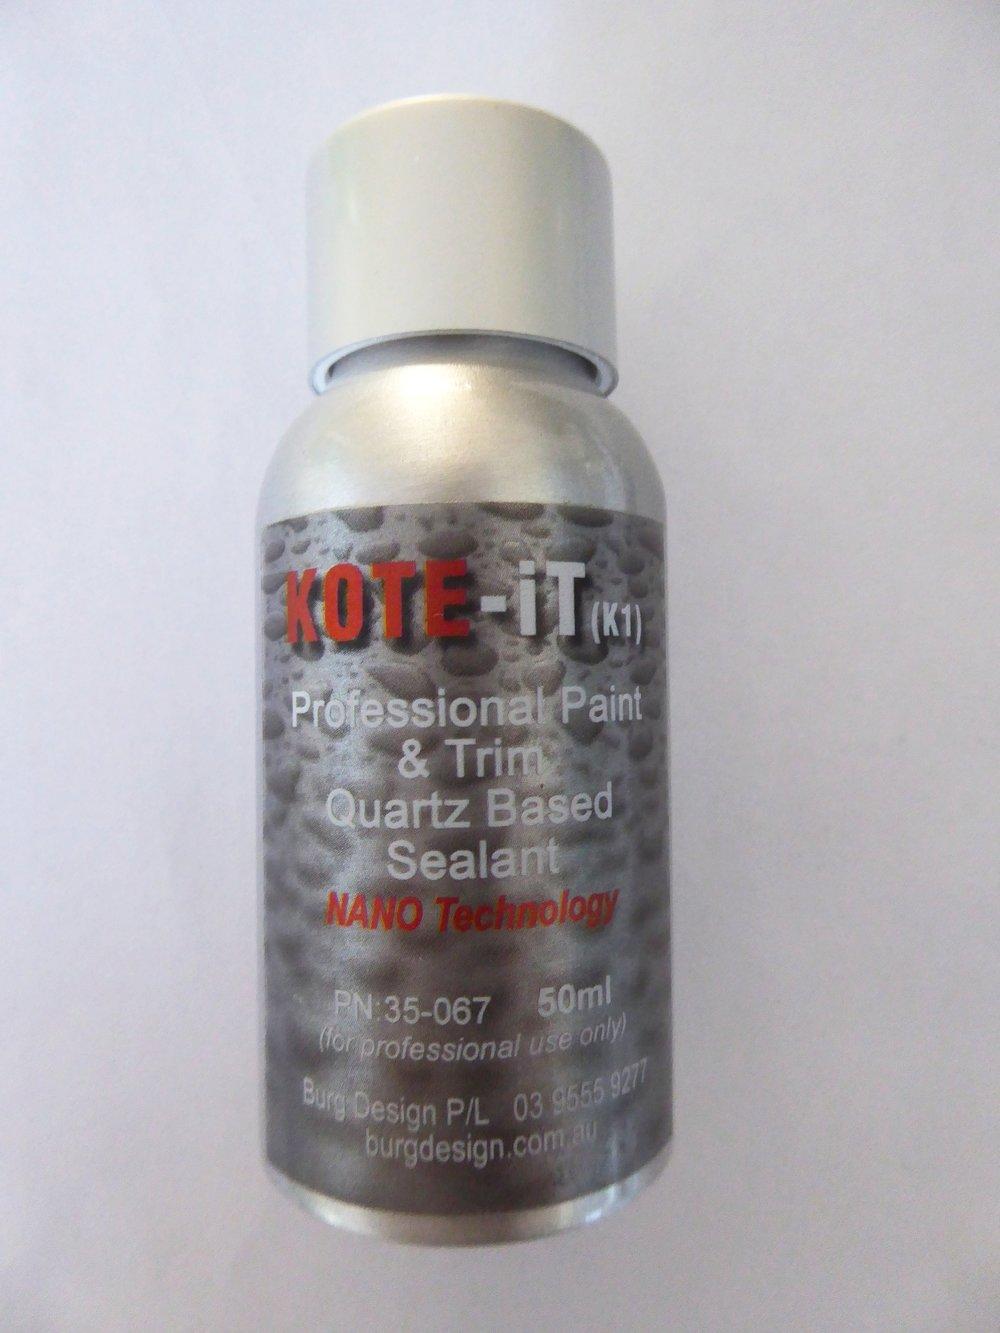 KOTE-iT (K1) NANO  Ceramic $199.00